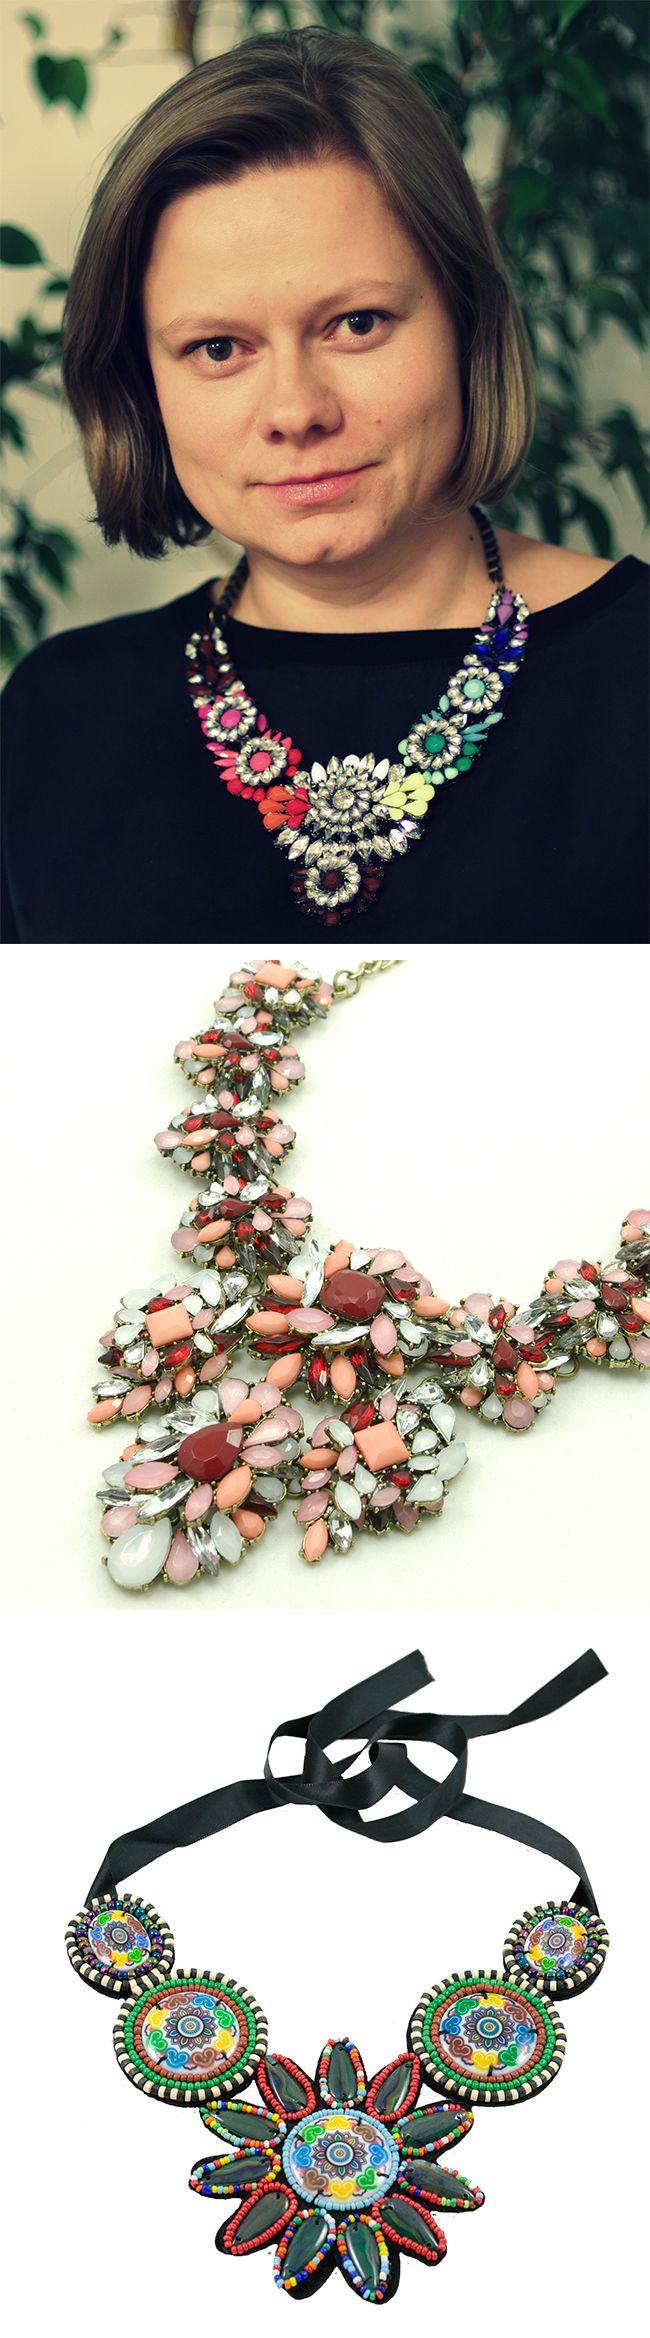 Główną zaletą biżuterii sztucznej jest jej efektowność i rozmach. Nie wyobrażam sobie, ile kosztowałby naszyjnik wykonany ze złota i szlachetnych kamieni, który dorównywałby wielkością naszyjnikom Alice Jo. W biżuterii sztucznej nie ma takich ograniczeń, możemy szaleć do woli – mówi Barbara Kiersnowska, właścicielka sklepu internetowego z biżuterią AliceJo.pl http://www.eksmagazyn.pl/wazny-temat/ekscentryczna-bohaterka/barbara-kiersnowska-walcze-z-szarzyzna/ || #biżuteria #moda